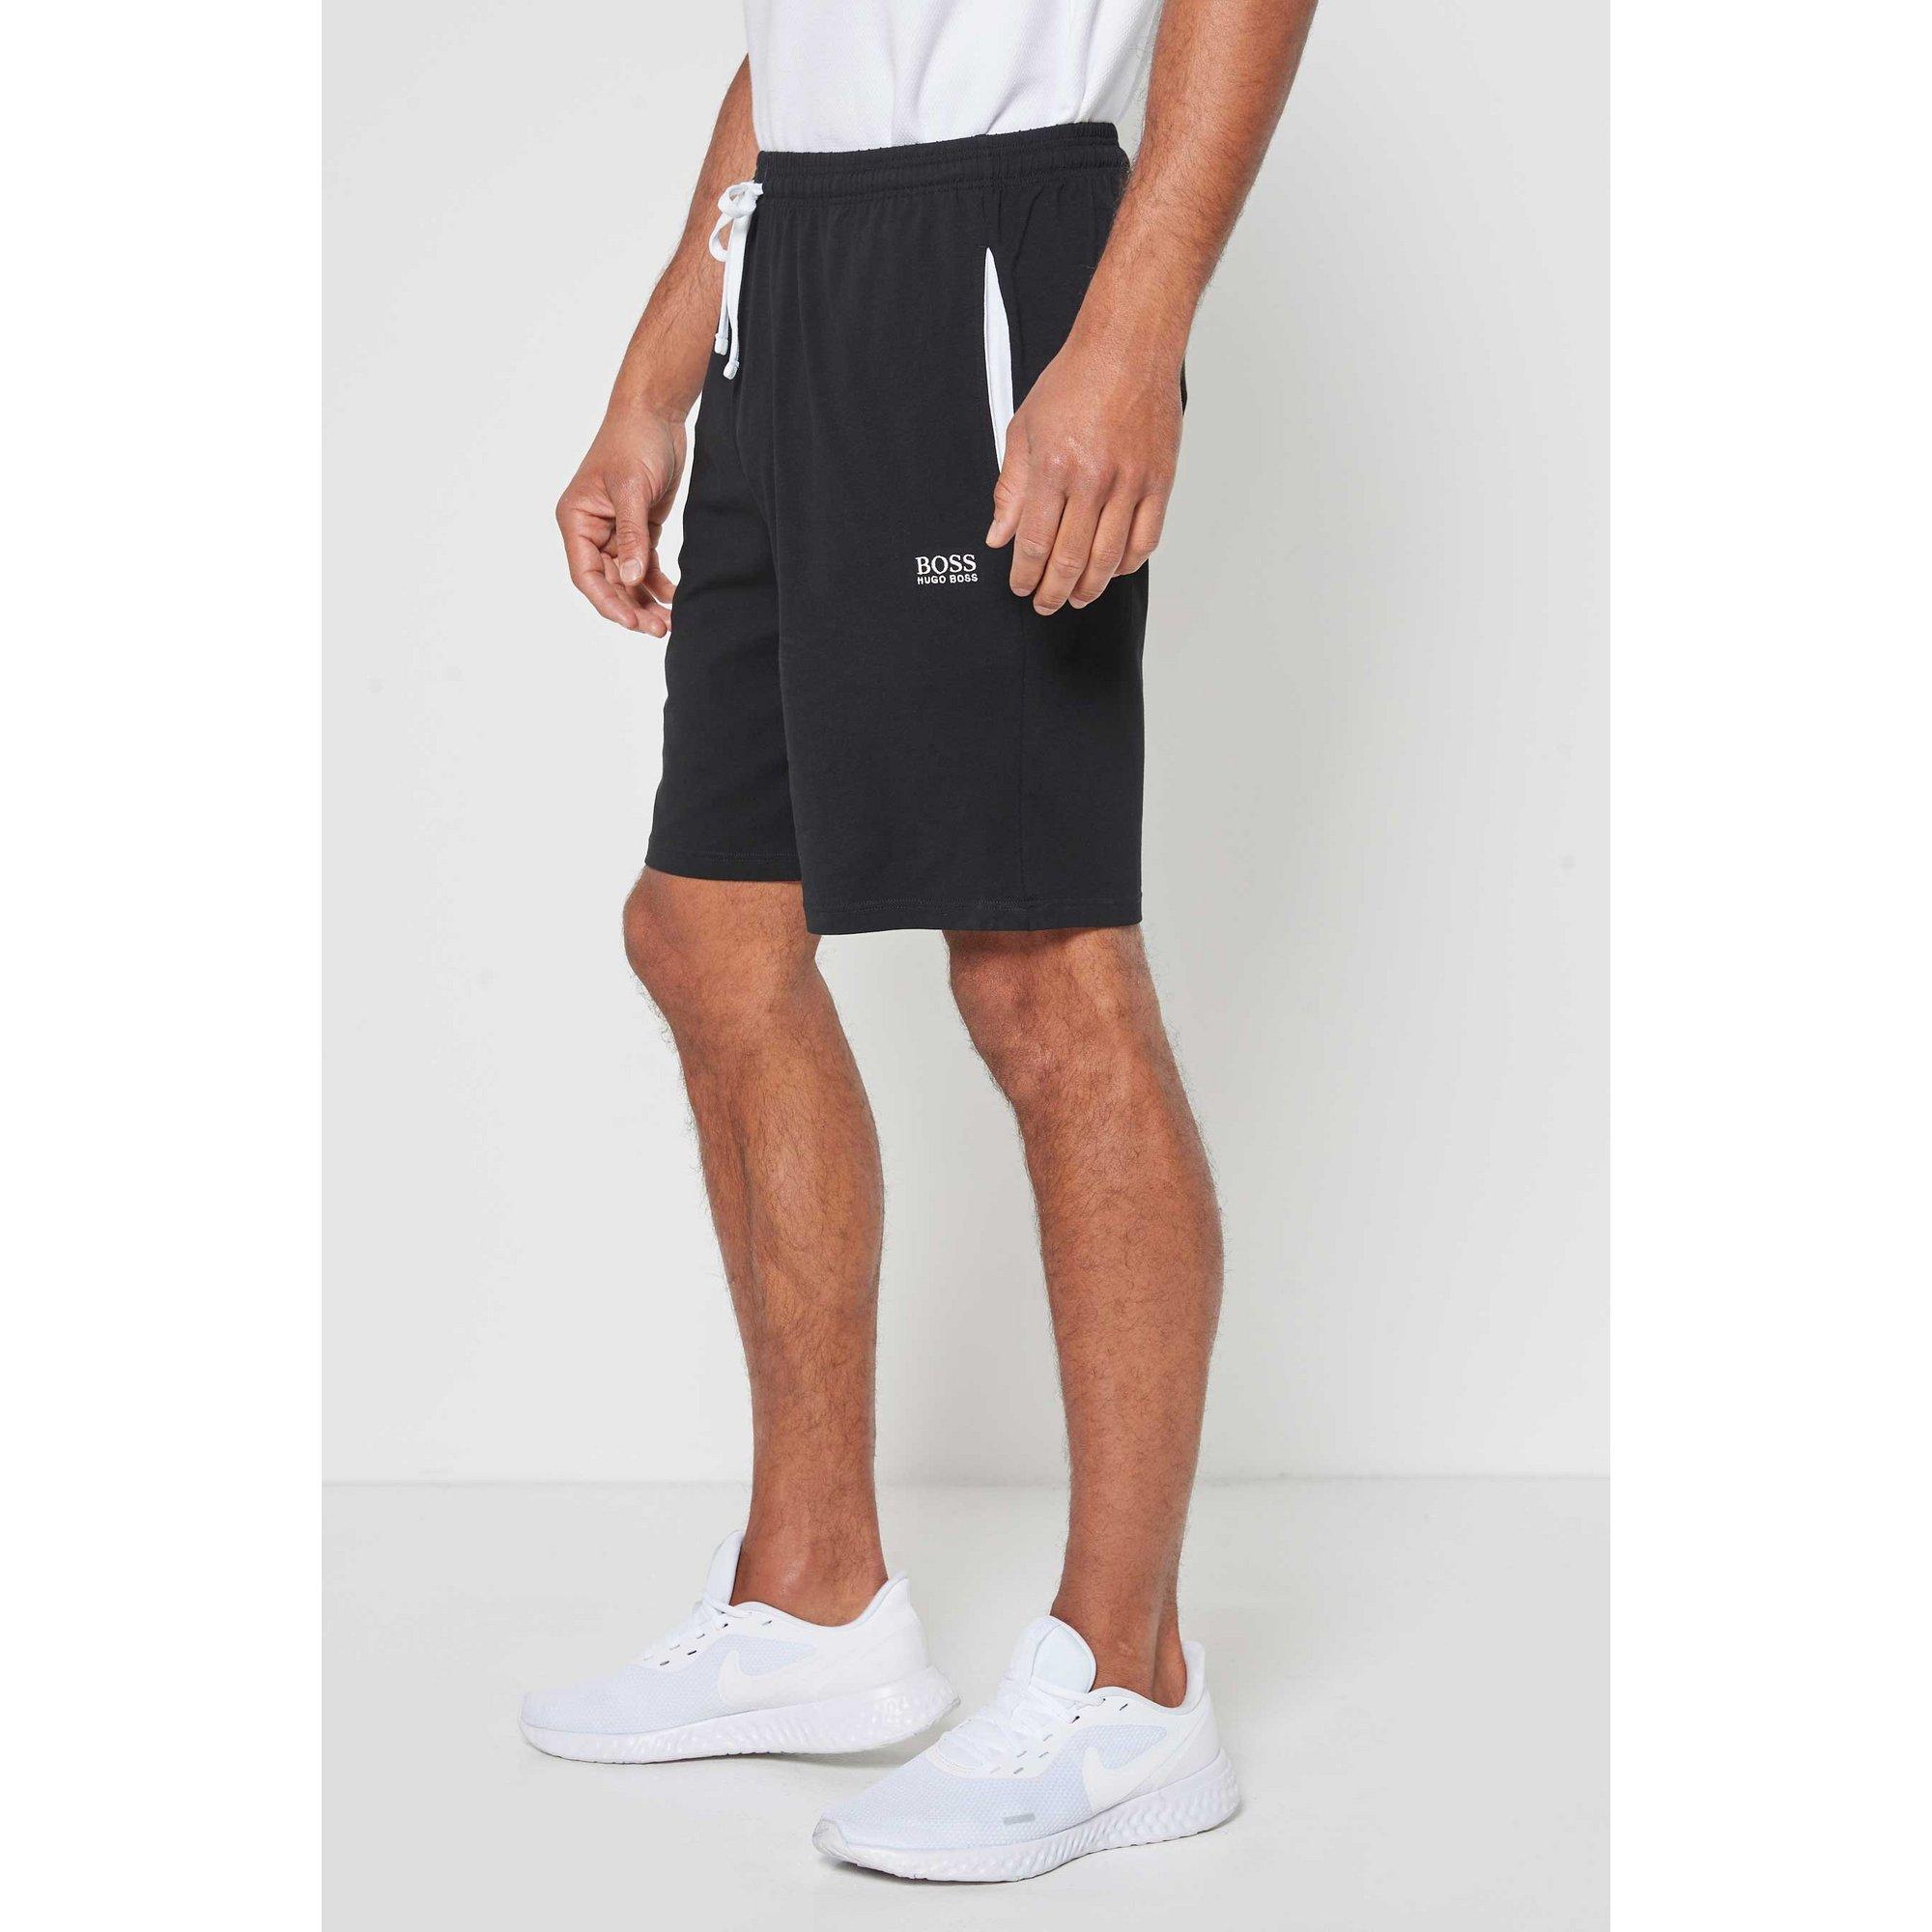 Image of Hugo Boss Black Sweat Shorts